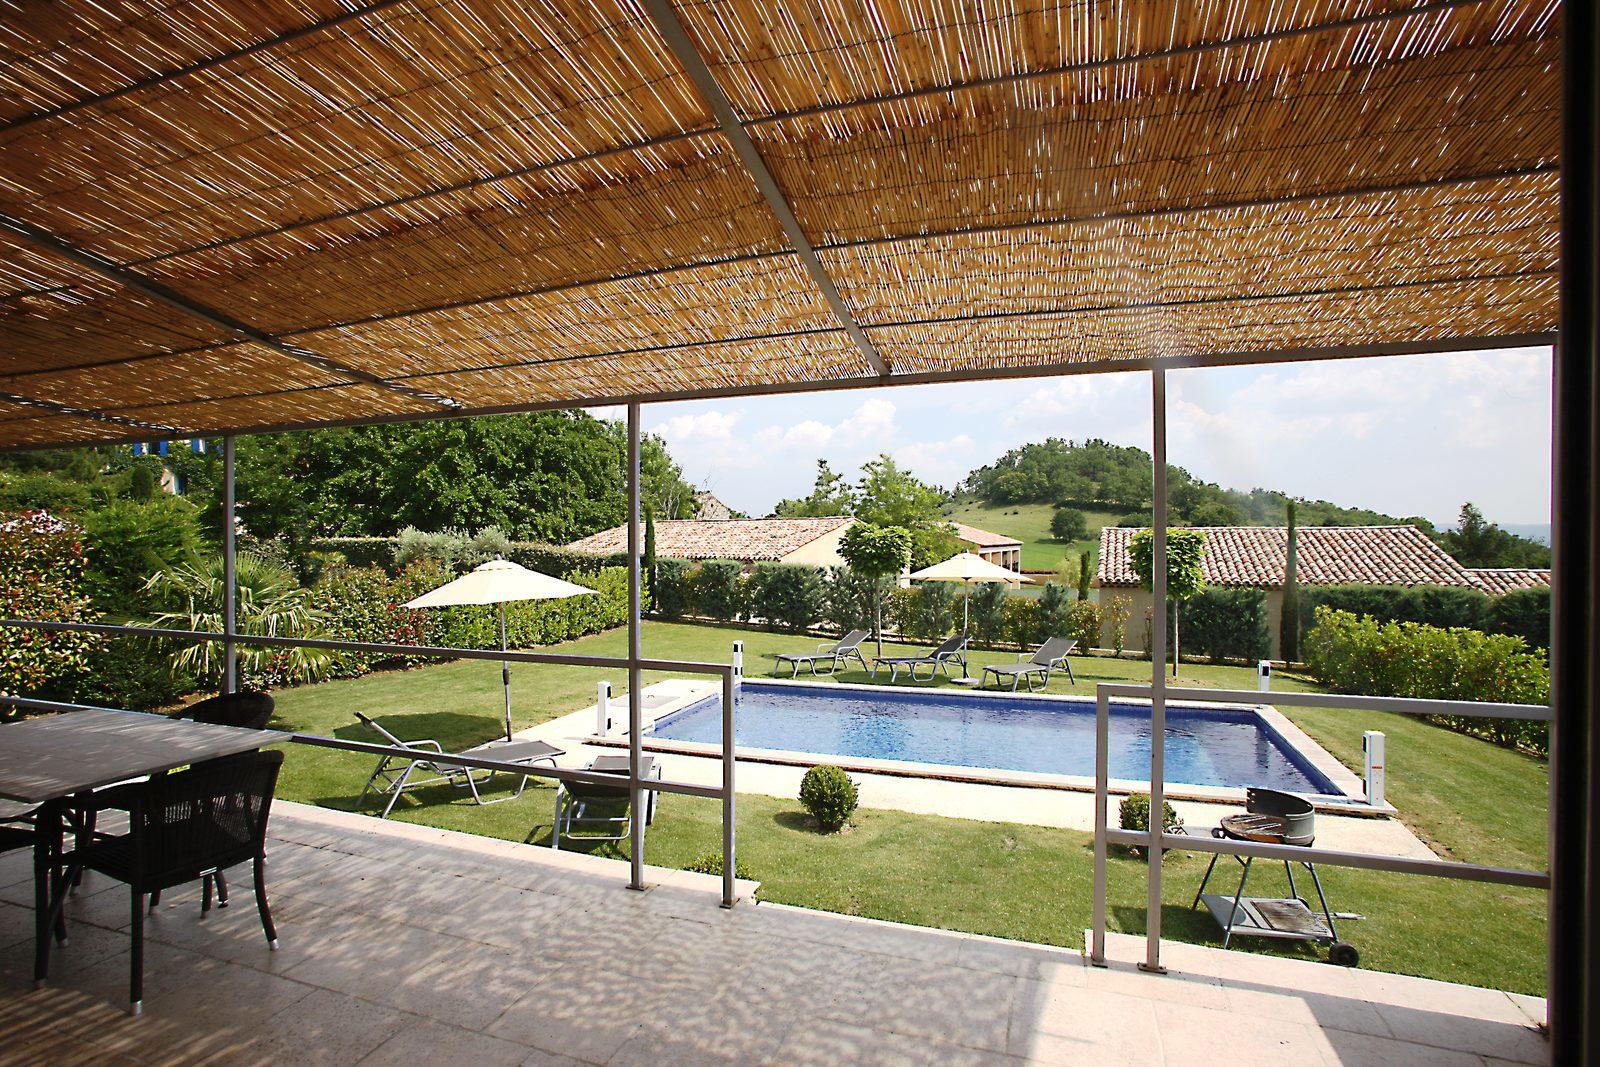 De Mooiste Vakantiehuizen : De mooiste vakantiehuizen met privézwembad